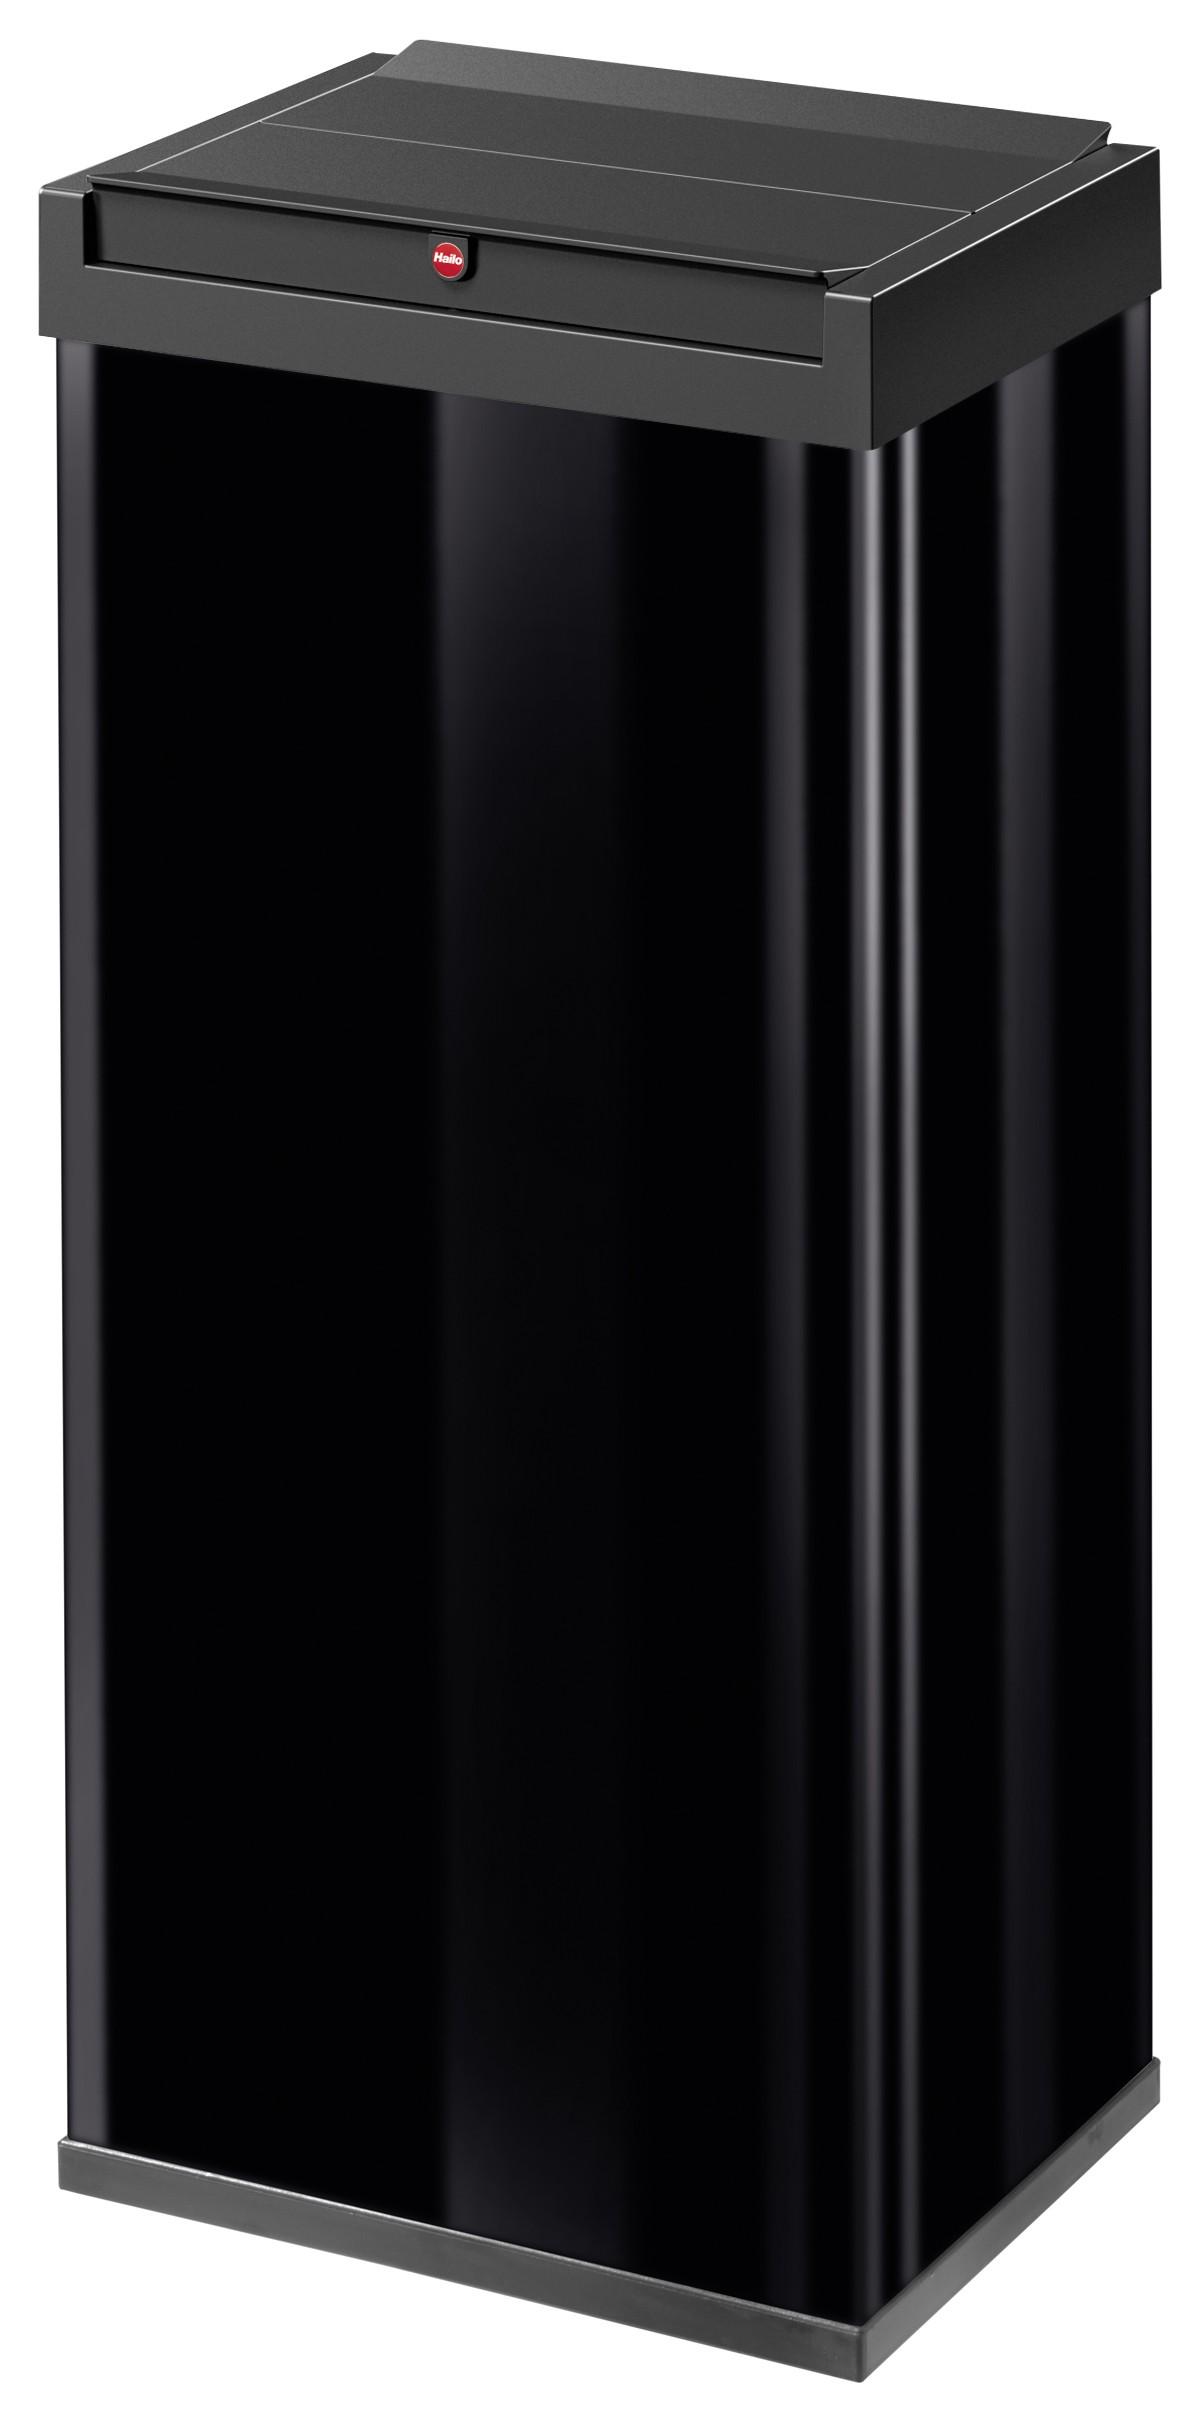 Hailo Big-Box Swing XL, schwarz, 52 Liter, Großraum-Abfallbox